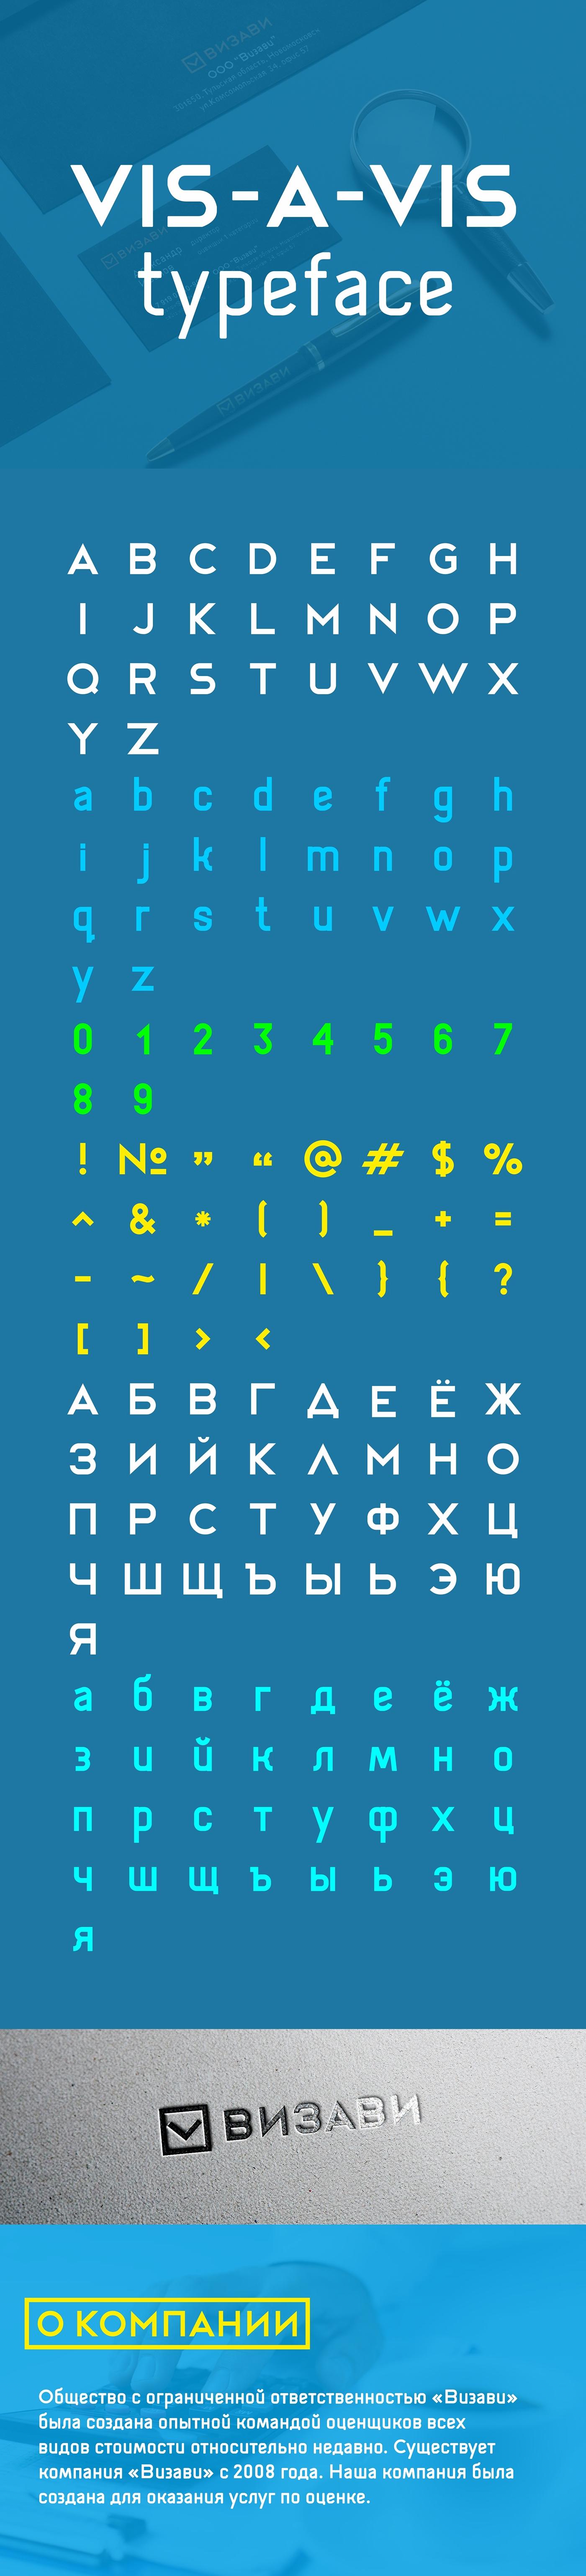 vasavis font Typeface